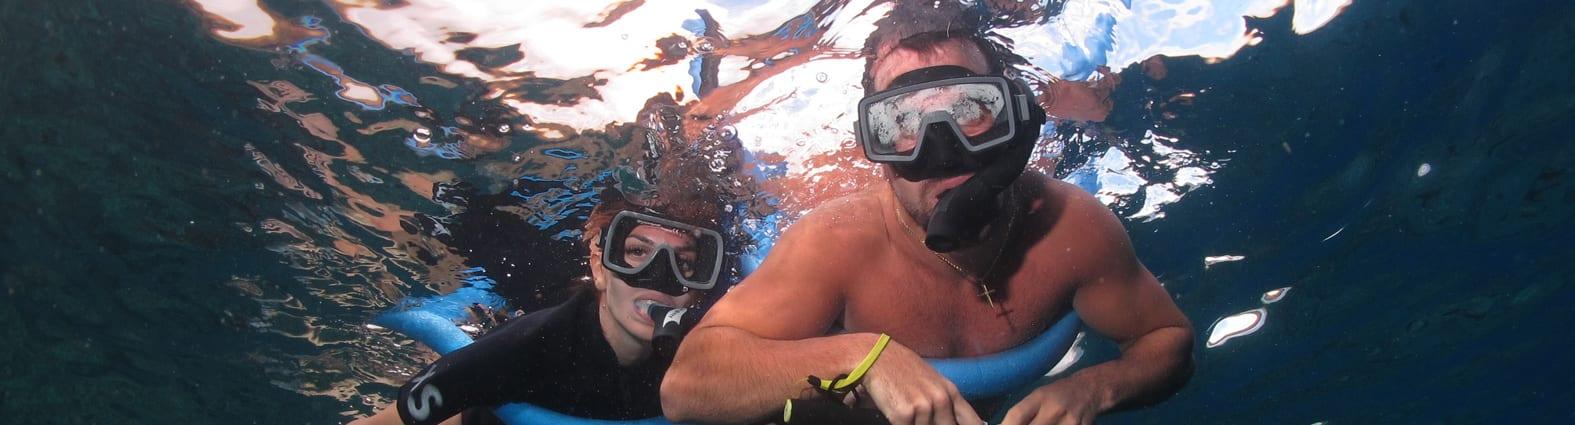 Snorkeling in Maui - 2622